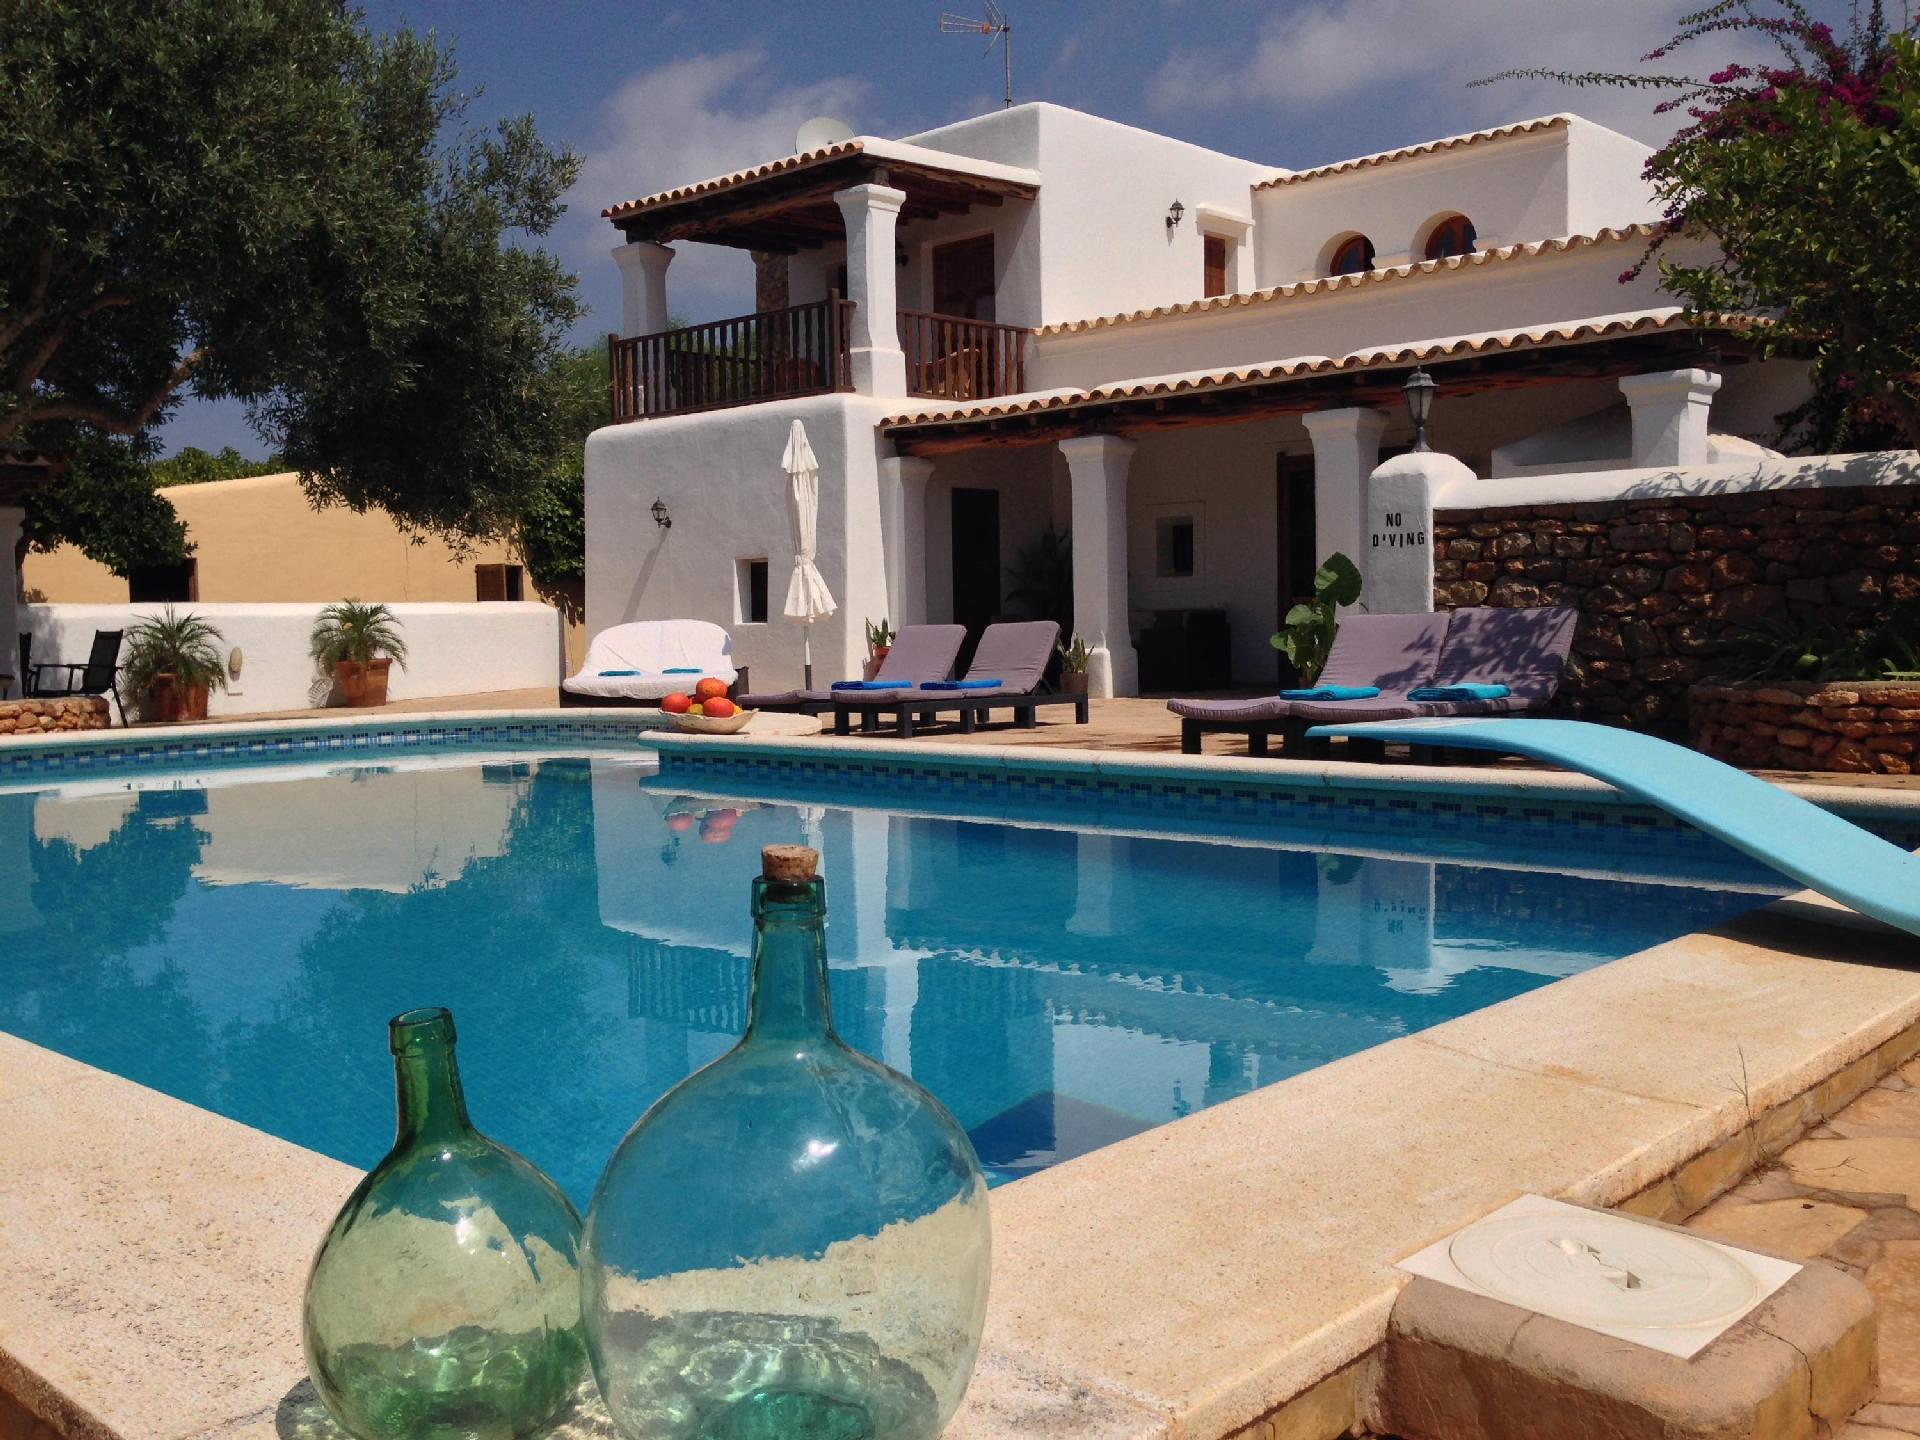 Ferienhaus mit Privatpool für 8 Personen ca 300 m² in Sant Carles de Peralta Ibiza Binnenland von Ibiza